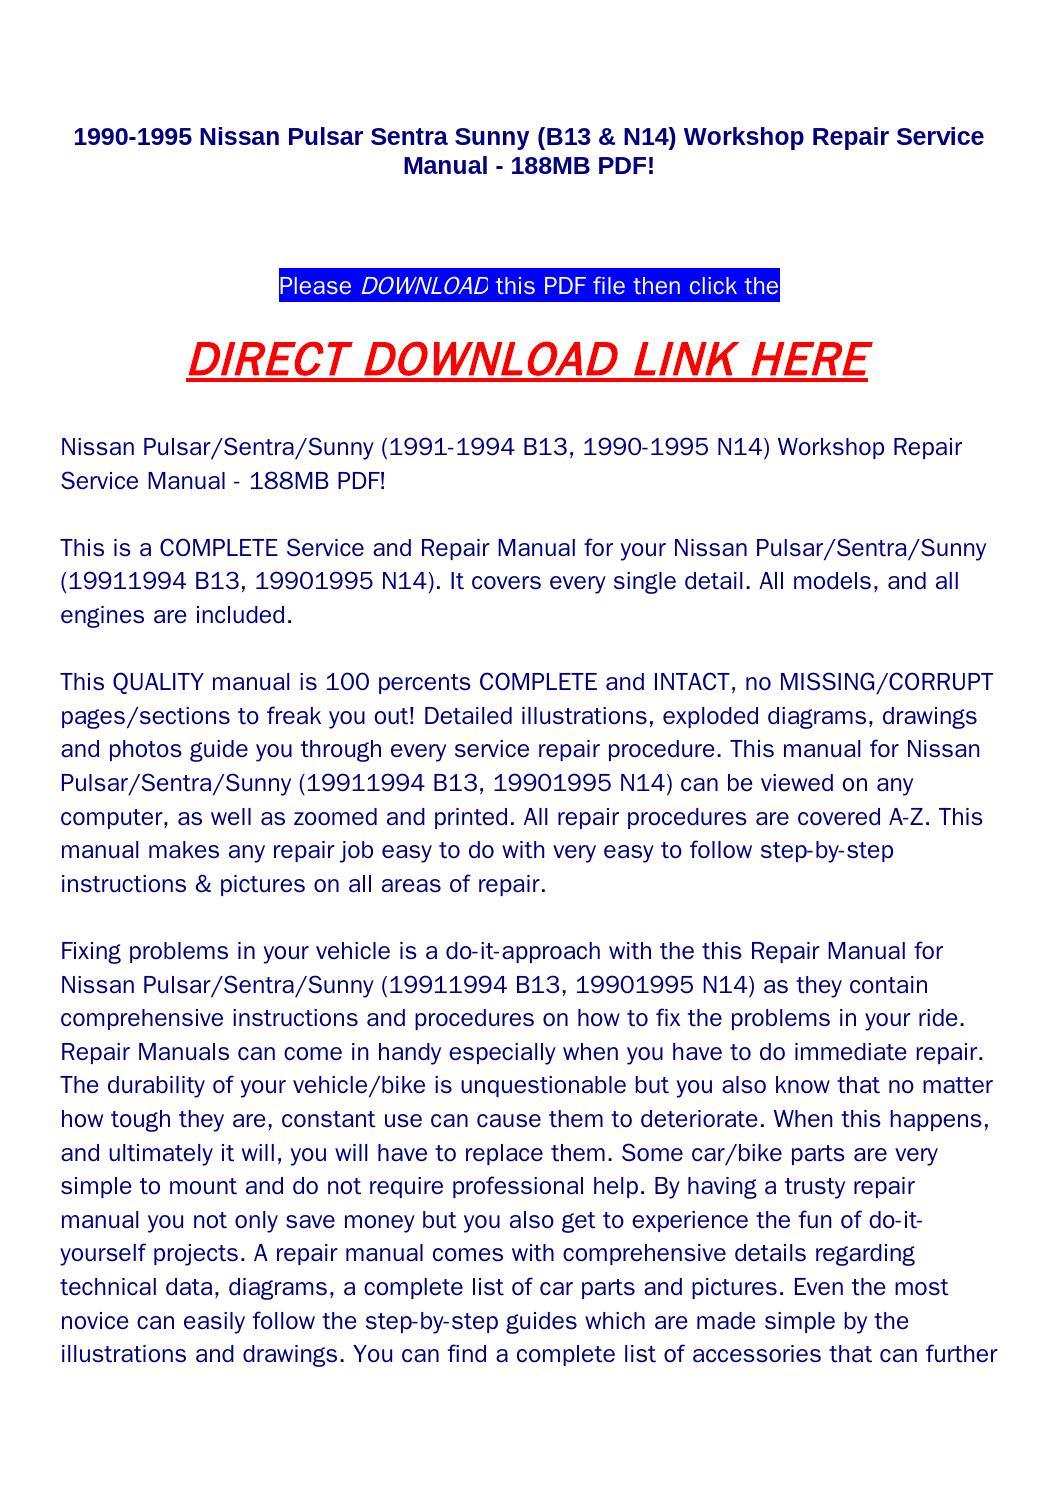 nissan pulsar n14 repair manual download